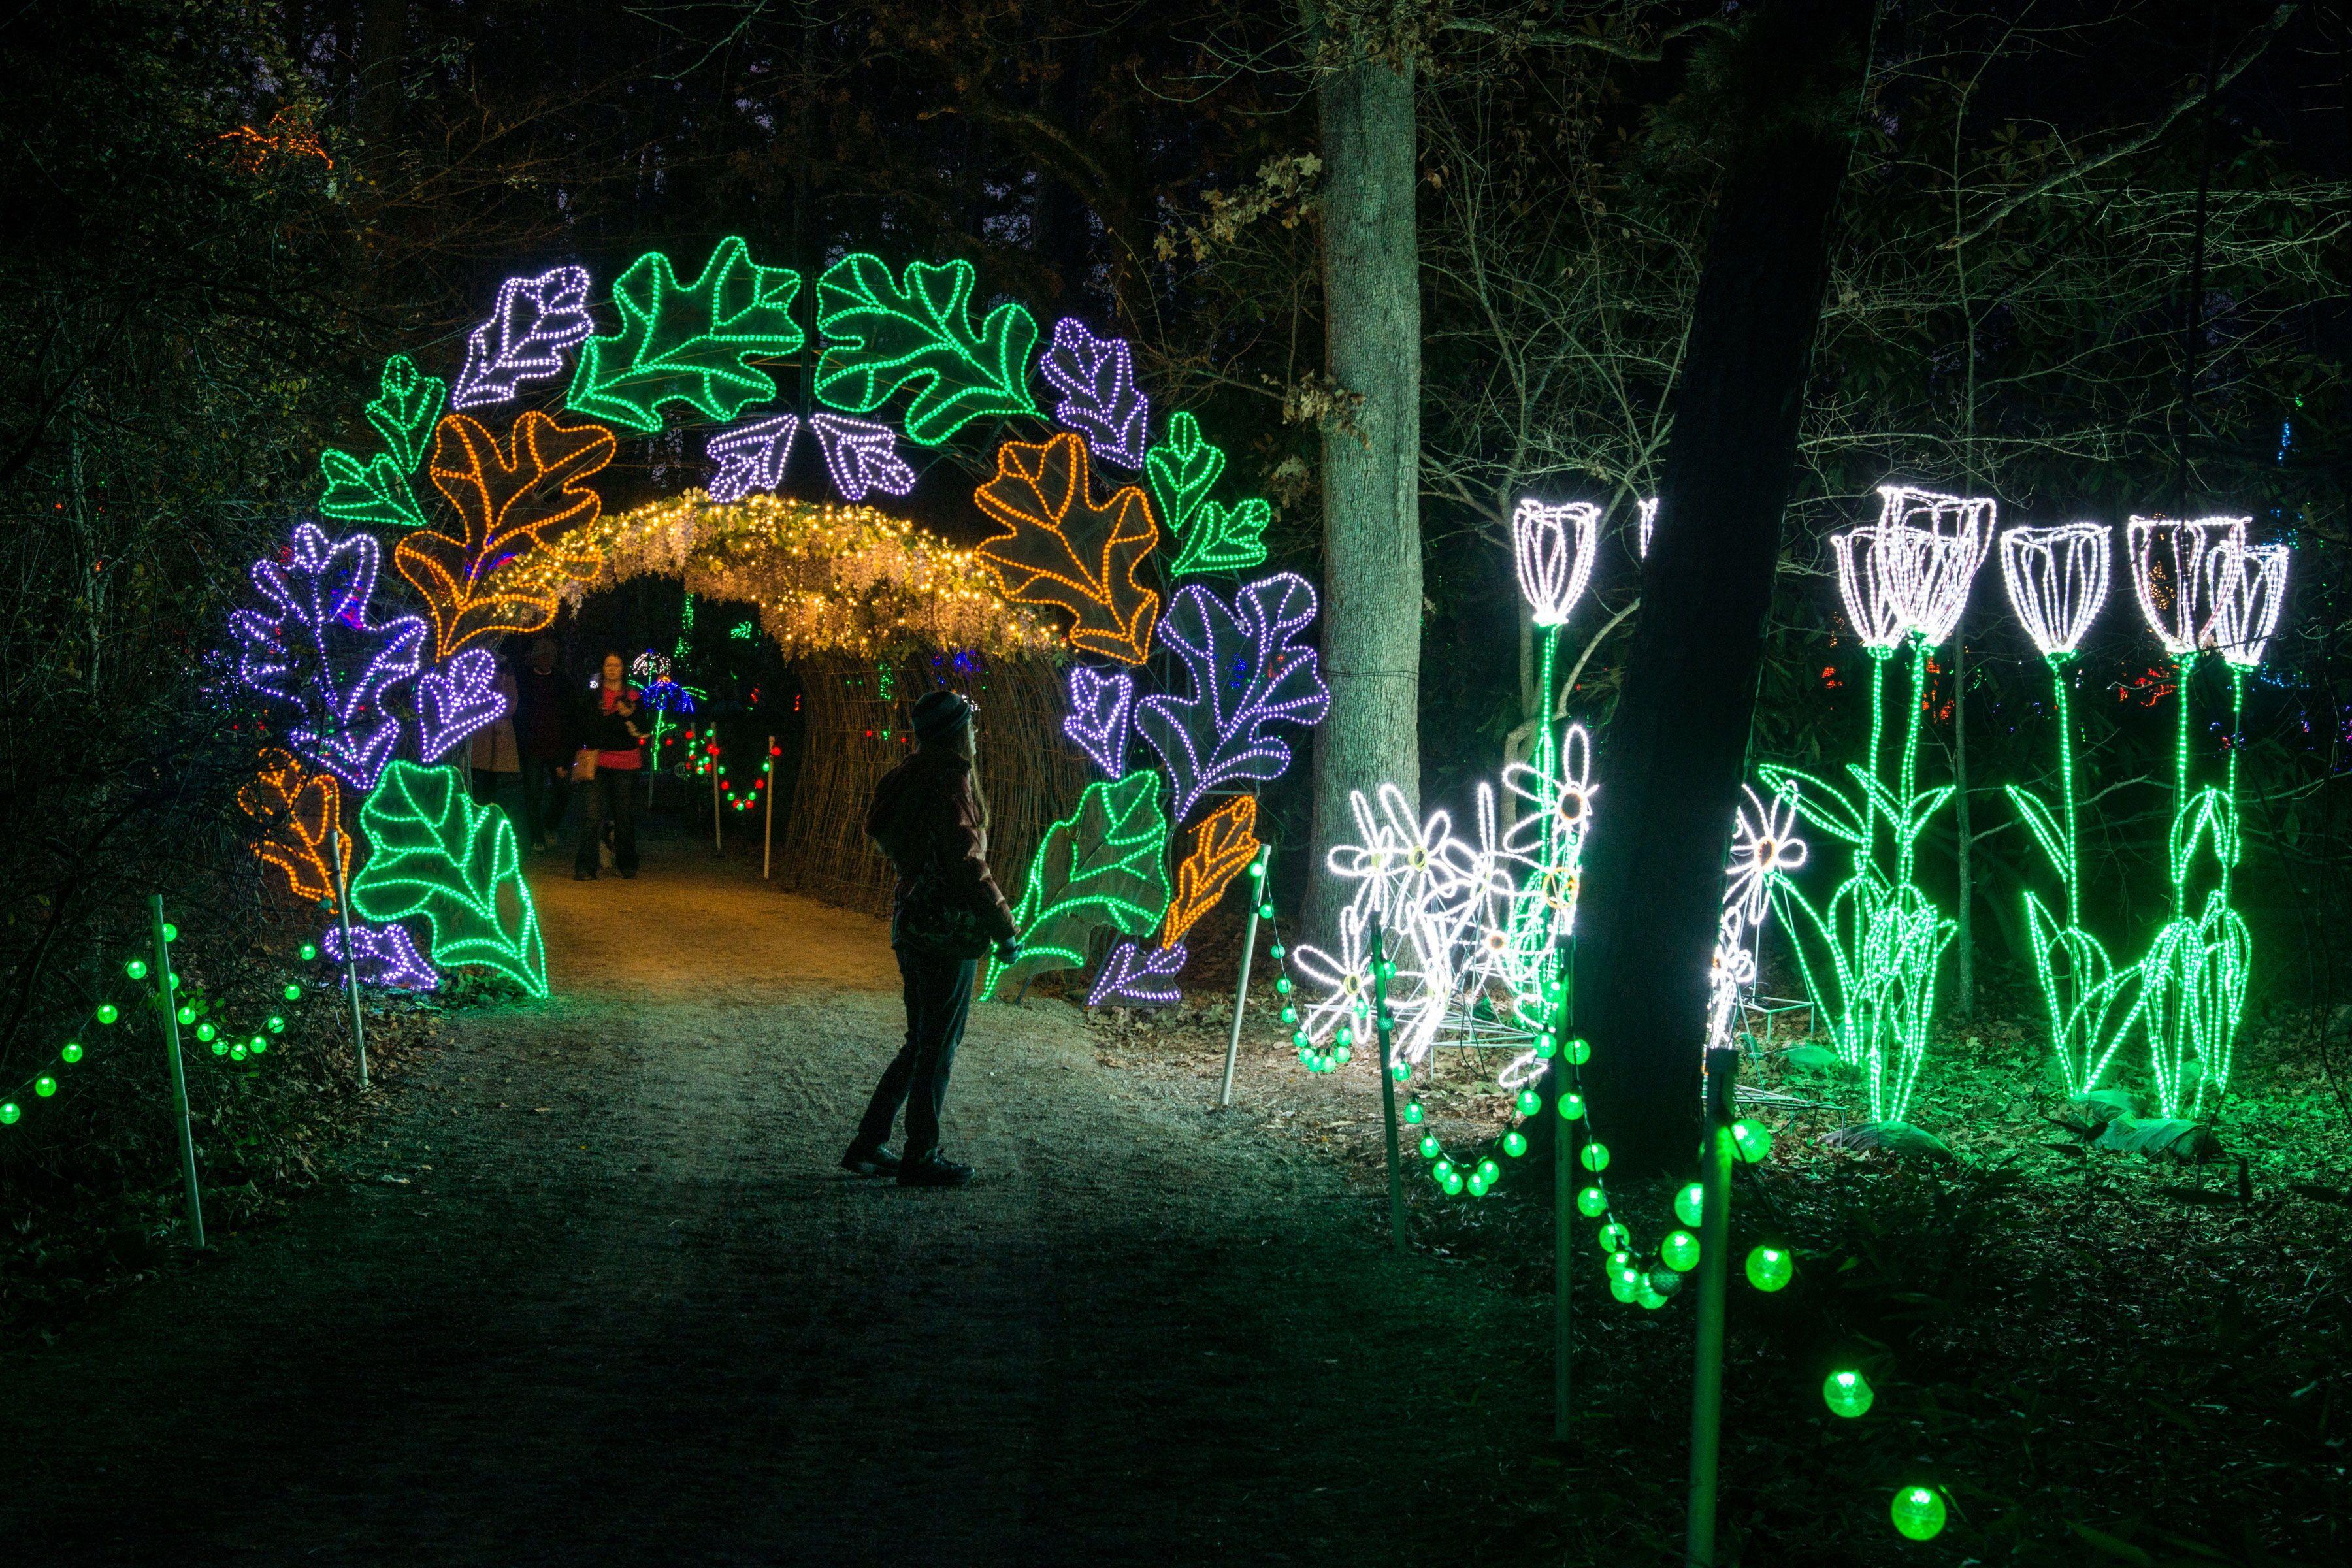 7081c9267cd79057b6663738e7f86761 - Garvan Gardens Hot Springs Christmas Lights